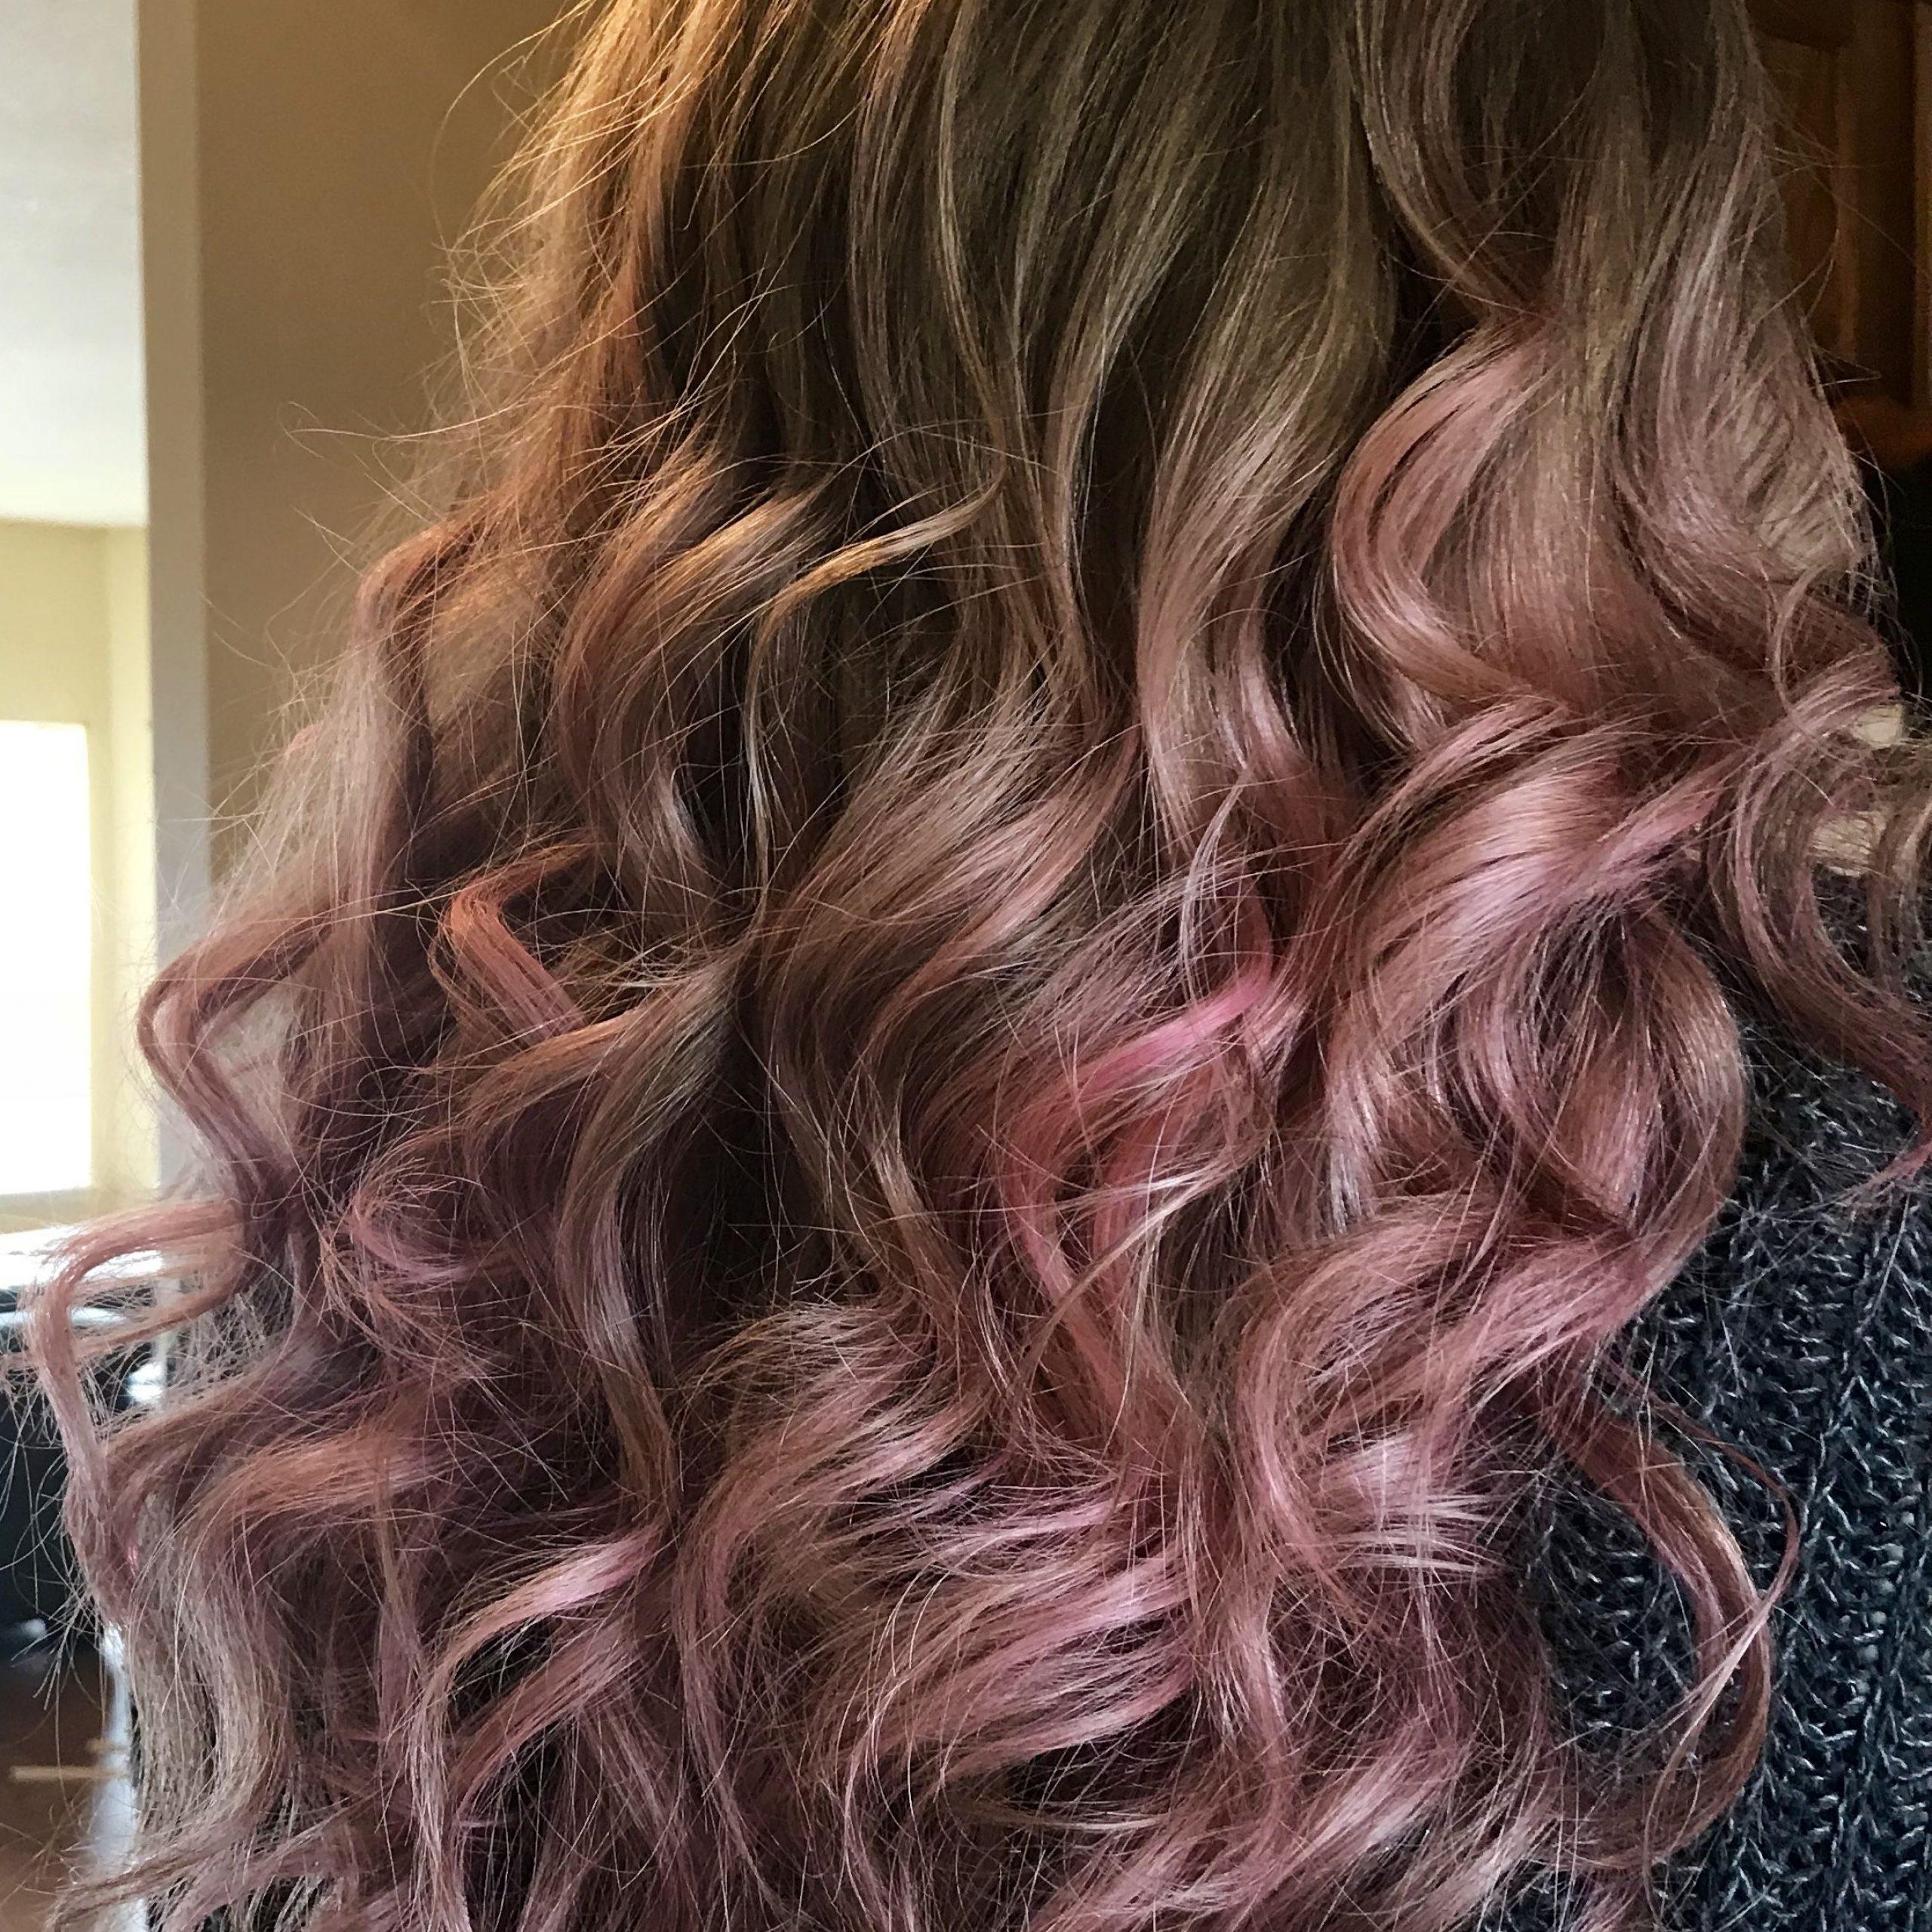 Blonde Pink Balayage 🌷 #hair #balayage #rose   Blonde Pink Regarding Pixie Hairstyles With Red And Blonde Balayage (View 13 of 20)